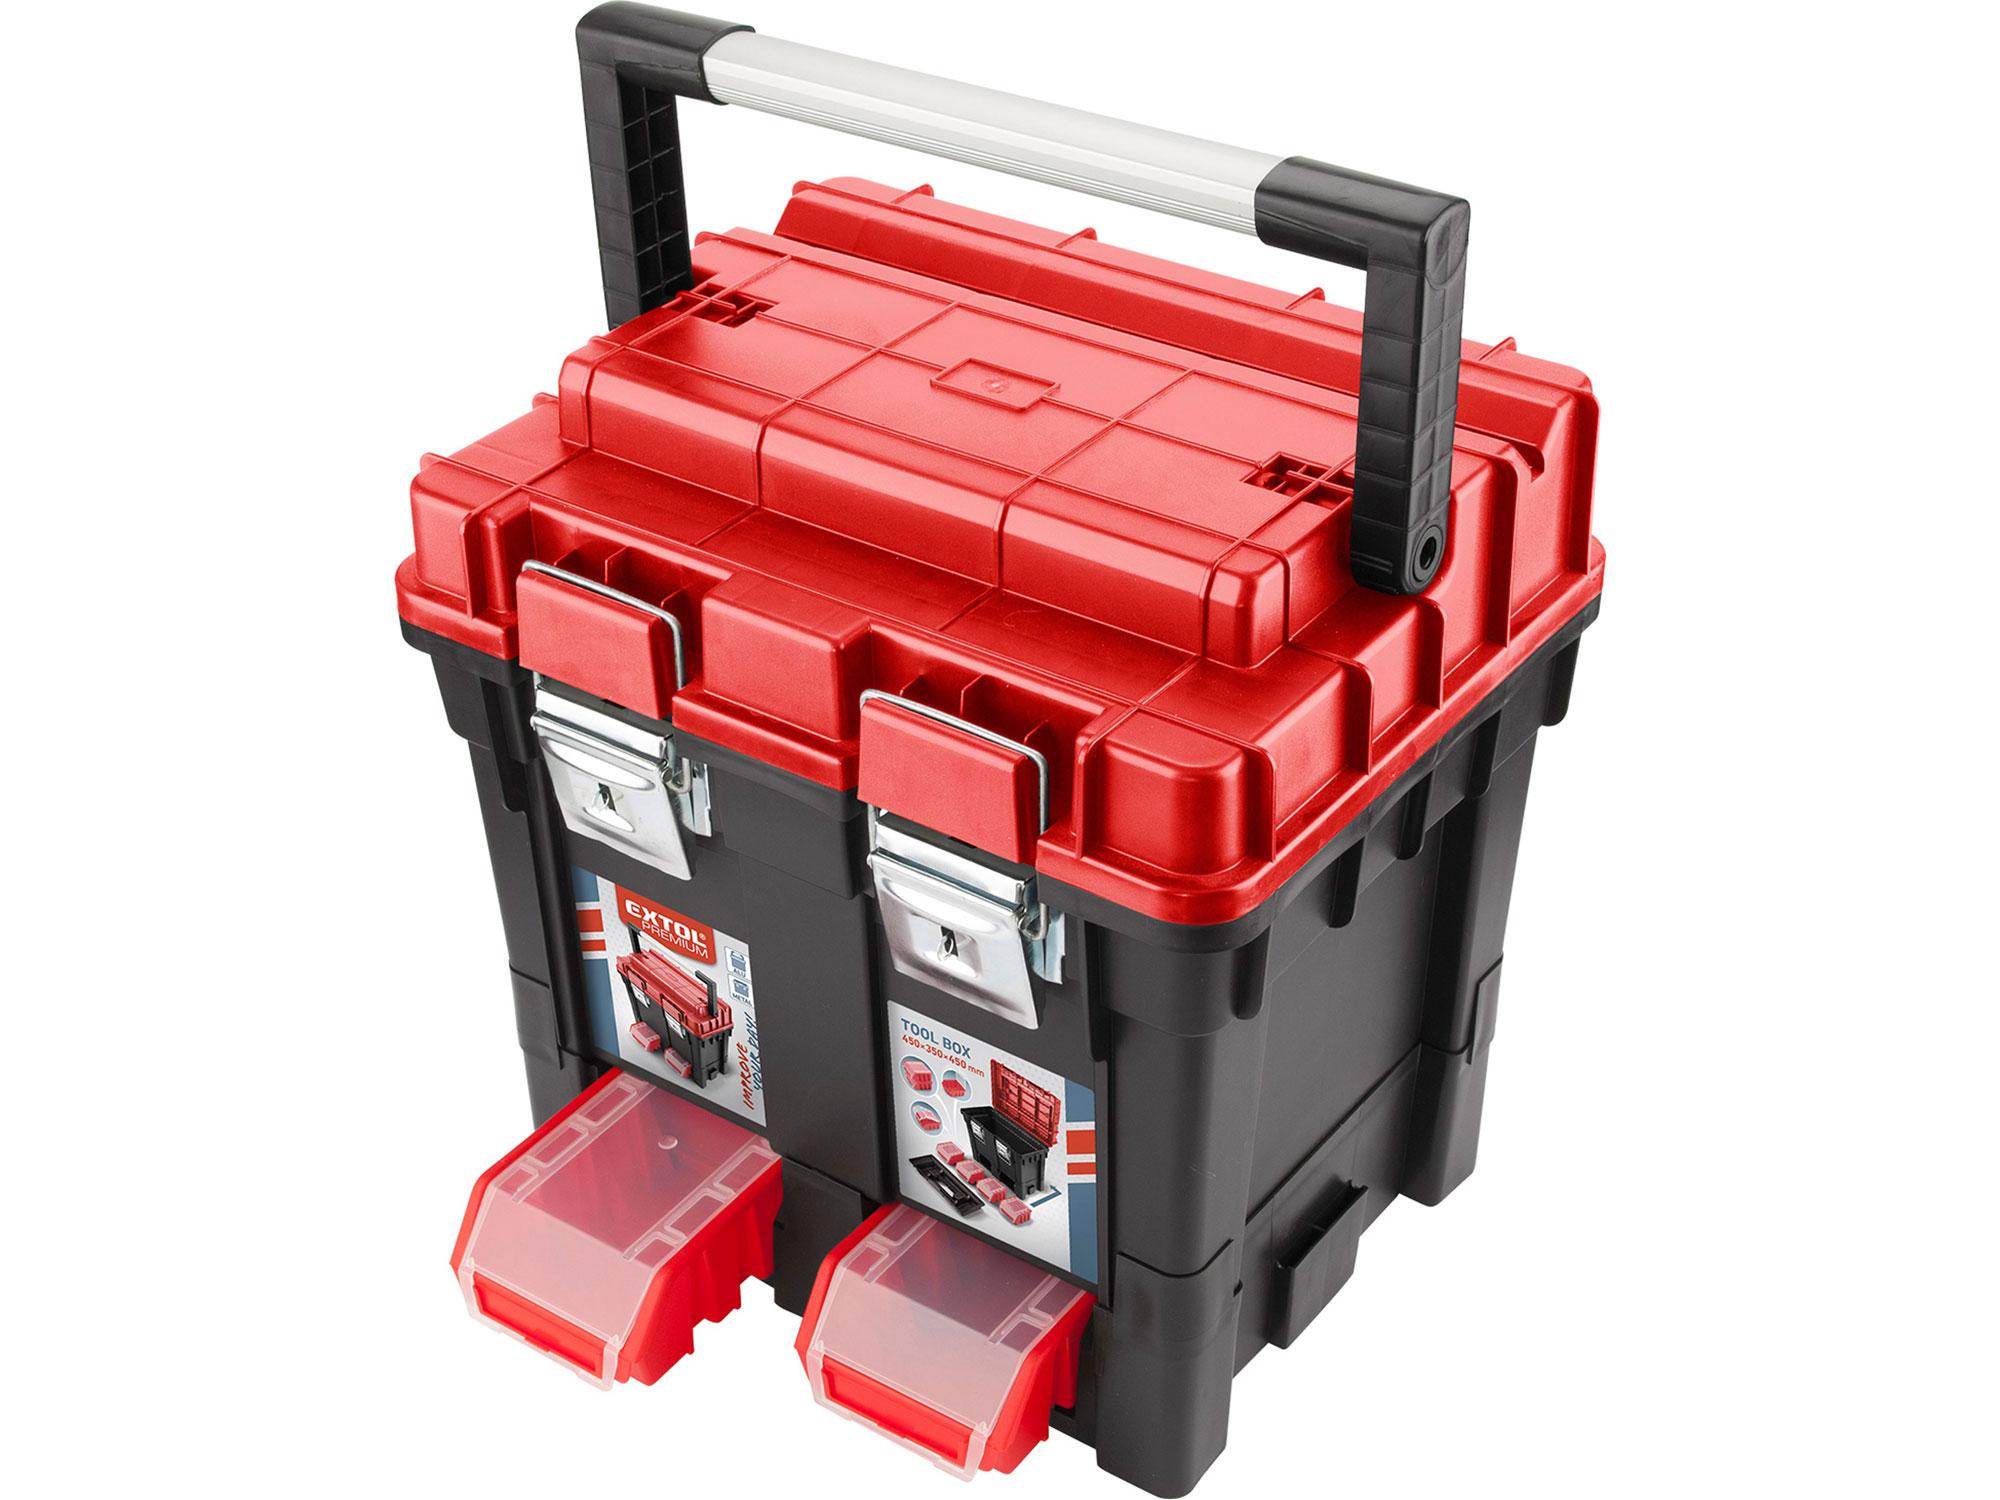 Kufr na nářadí HD, 450x350x450mm, AL rukojeť, kov.přezky EXTOL PREMIUM 8856083